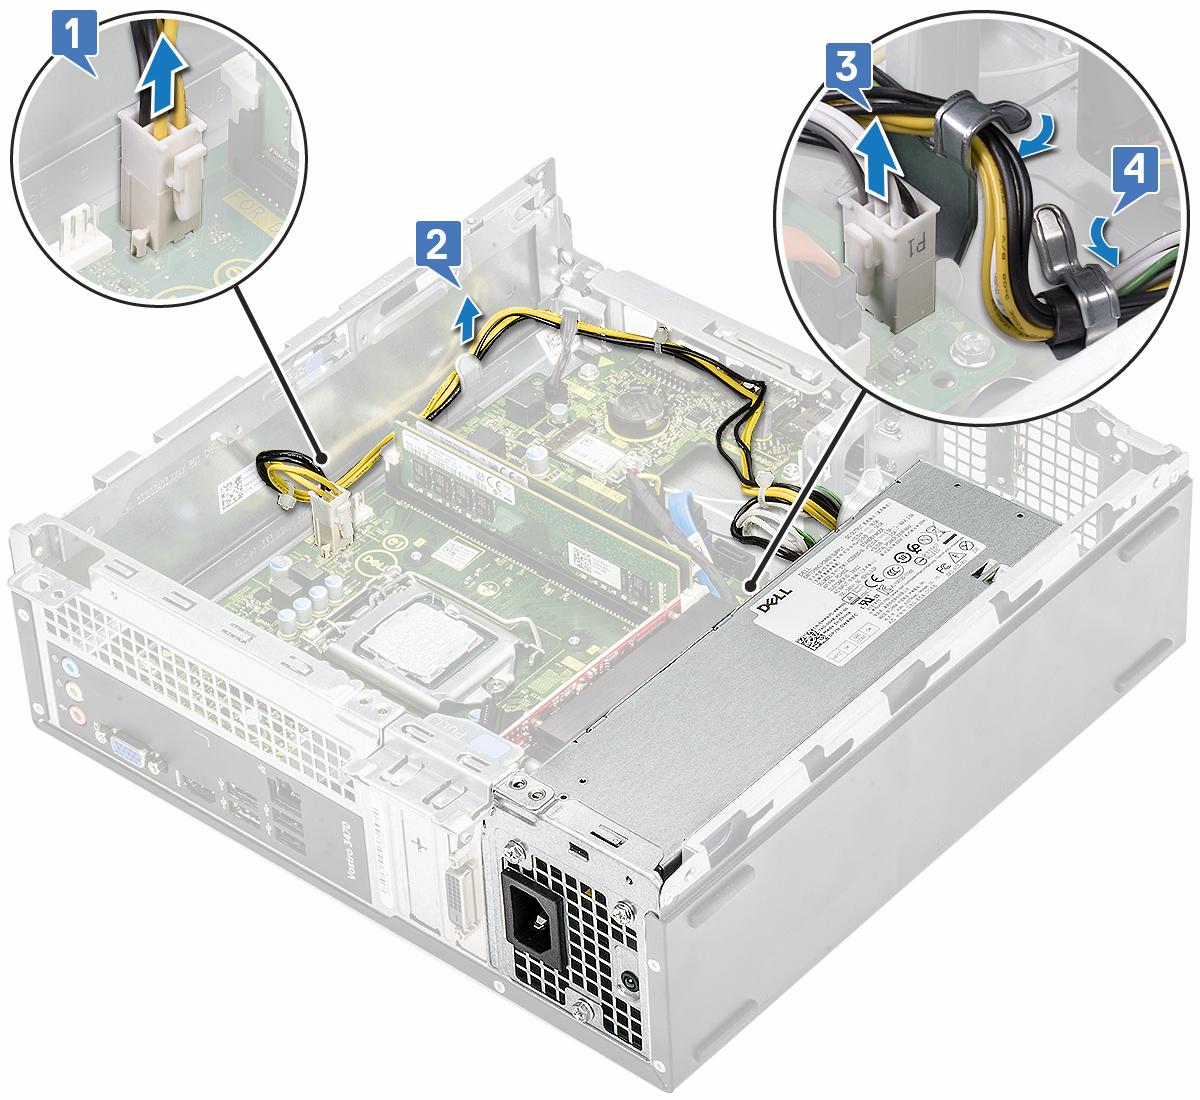 Gambar yang menampilkan pelepasan kabel